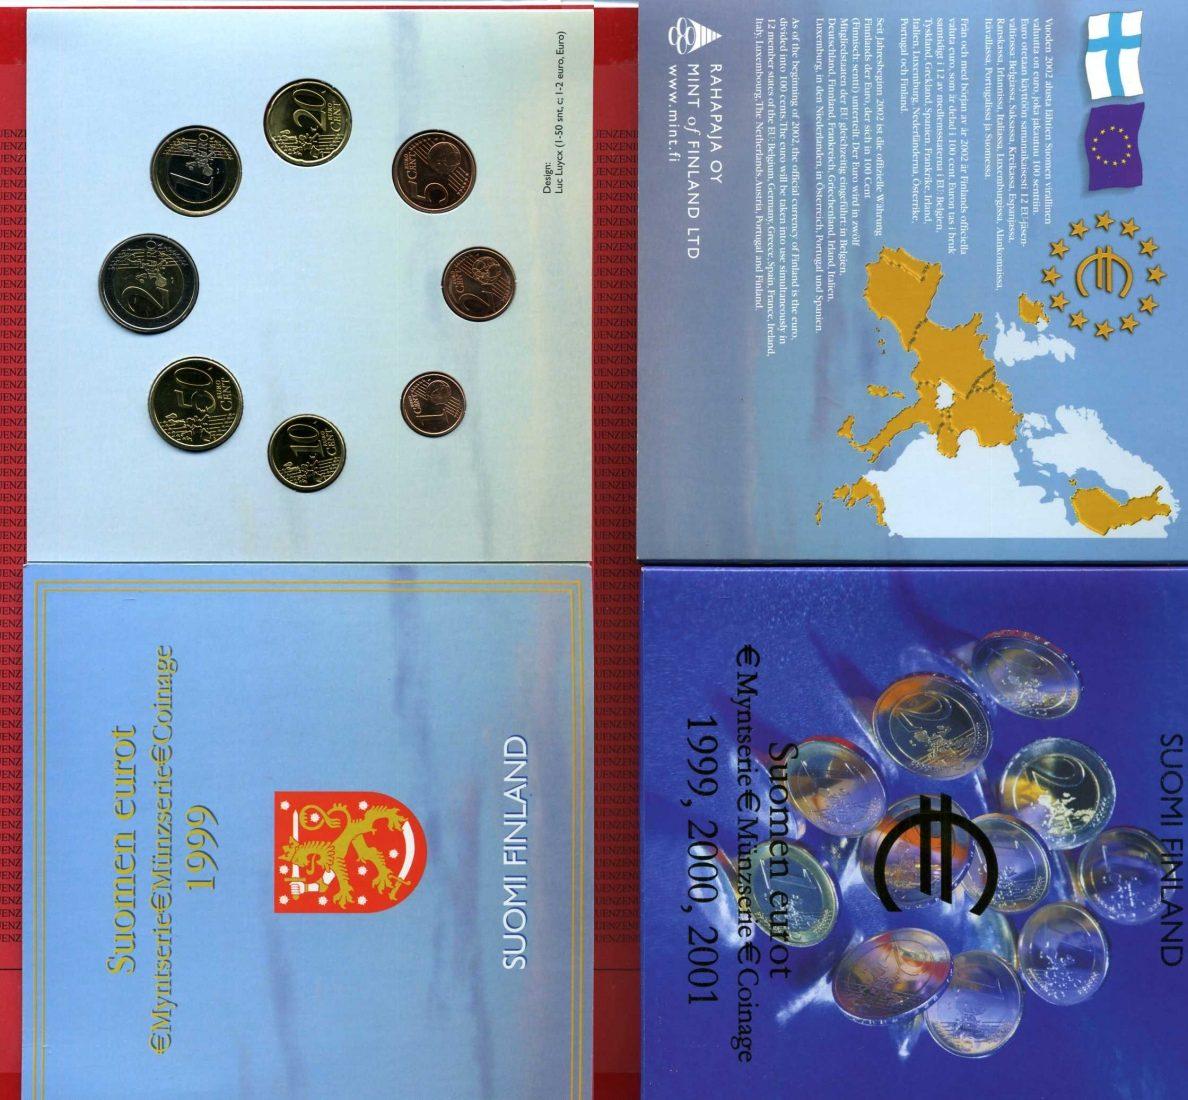 Euro Kursmünzensätze Kms 990001 Finnland Finland Finnland Euro